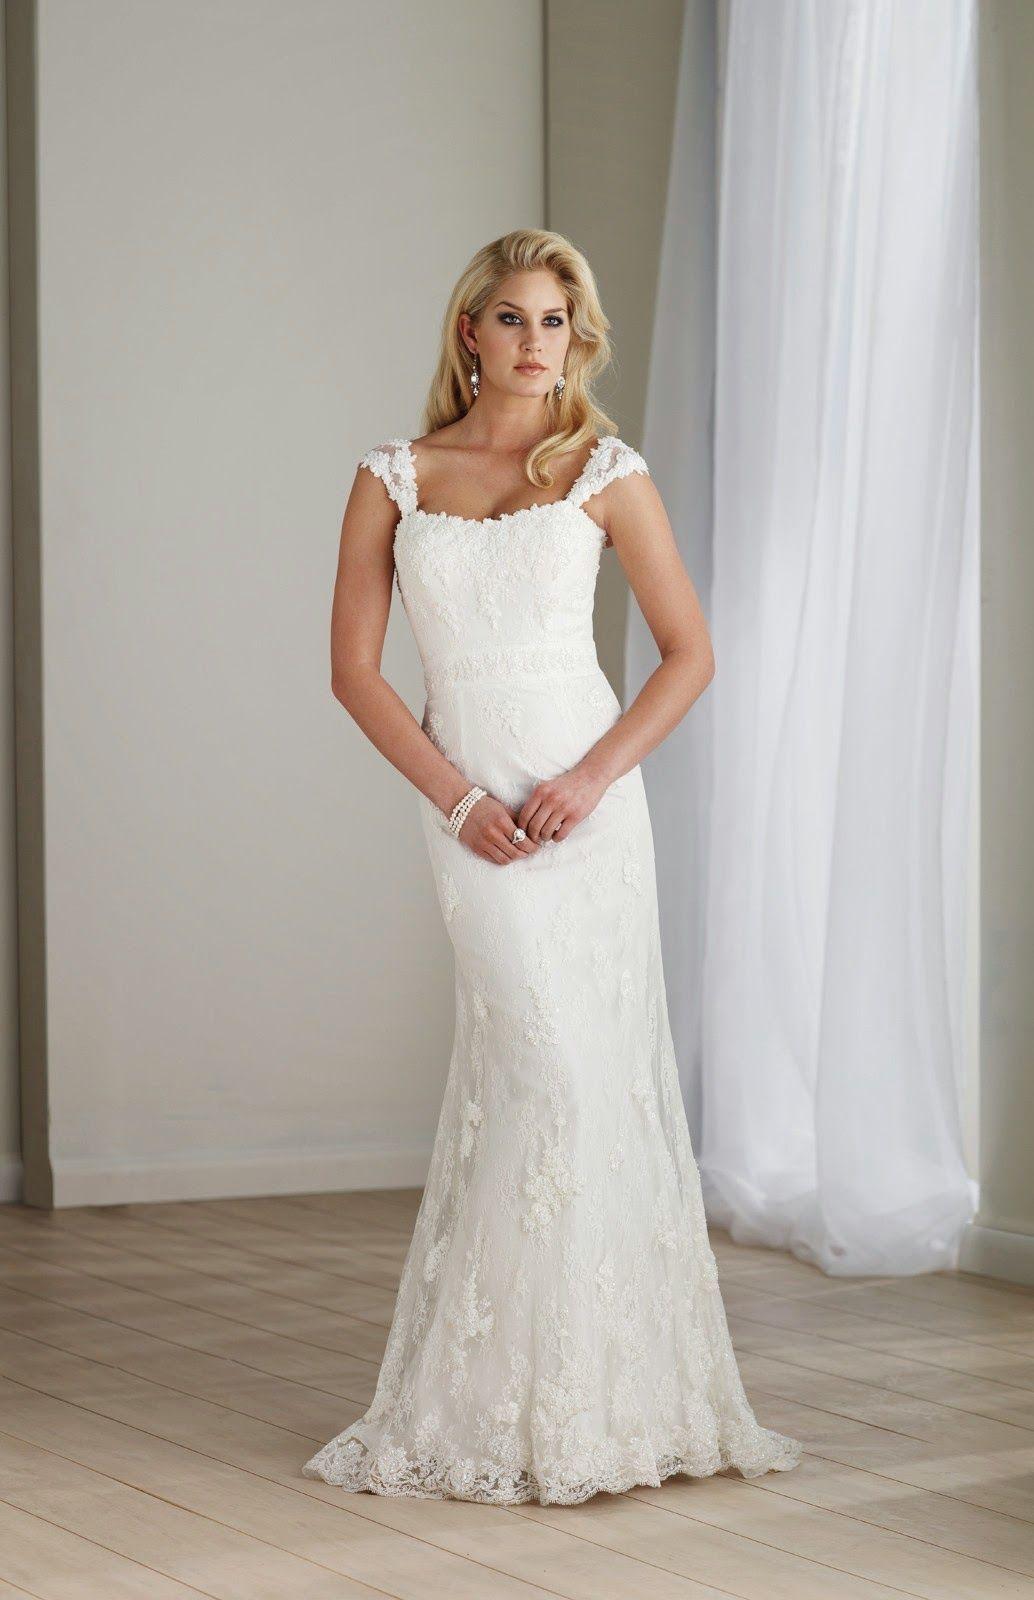 2nd Marriage Wedding Dresses Uk Wedding Concepts Ideas 2nd Marriage Wedding Dress Elegant Wedding Dress Wedding Dresses